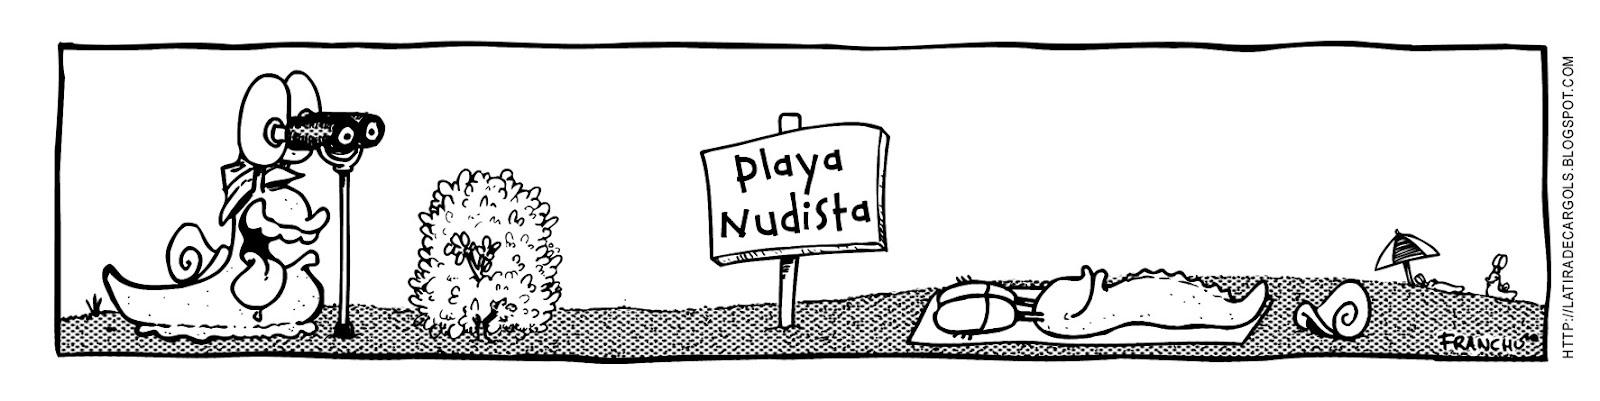 Tira comica 130 del webcomic Cargols del dibujante Franchu de Barcelona